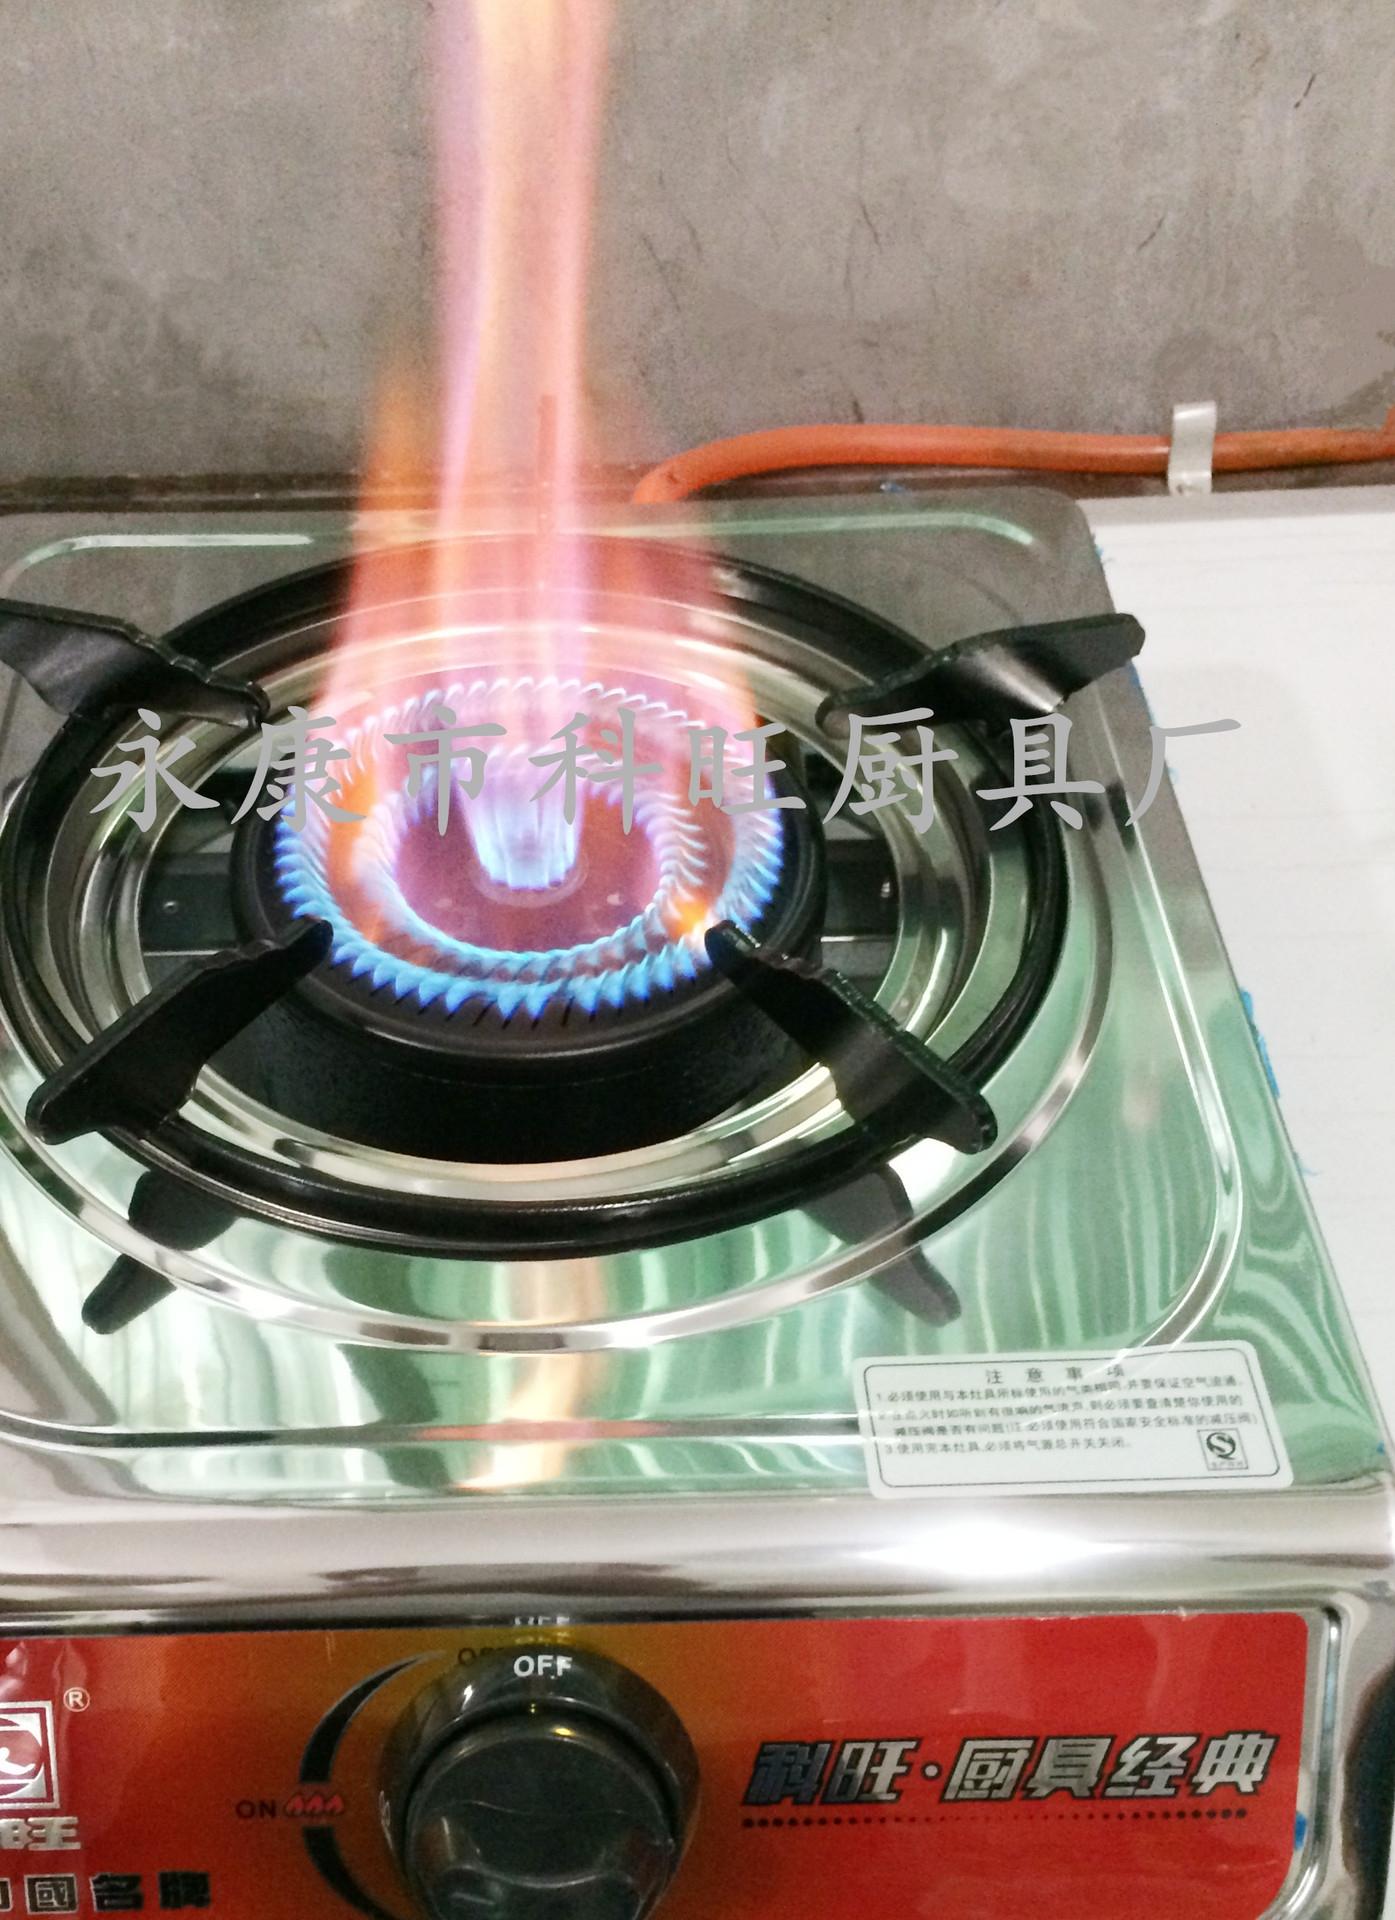 家用嵌入式不锈钢天然气双灶 厨房猛火炉台